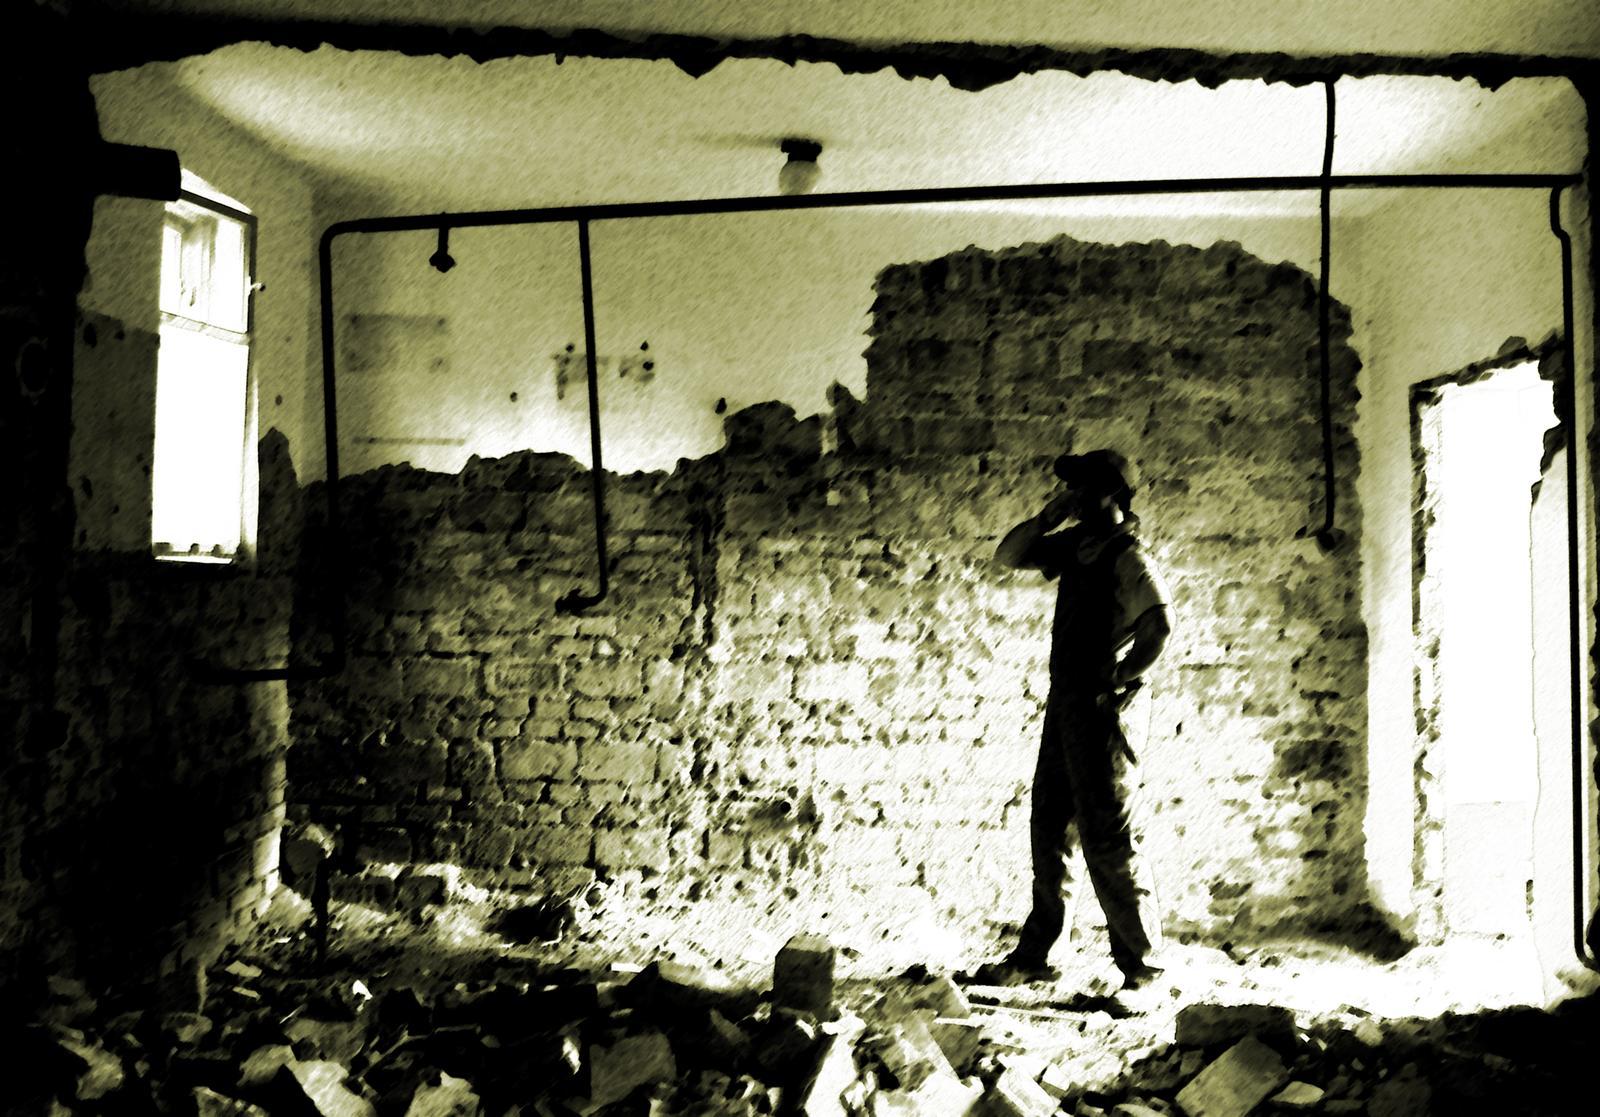 V zelenom dome - R.I.P priečky.....demolícia bola príjemným zakončením dňa...no zbierať a čistiť tehly na druhý deň až taká zábava nebola